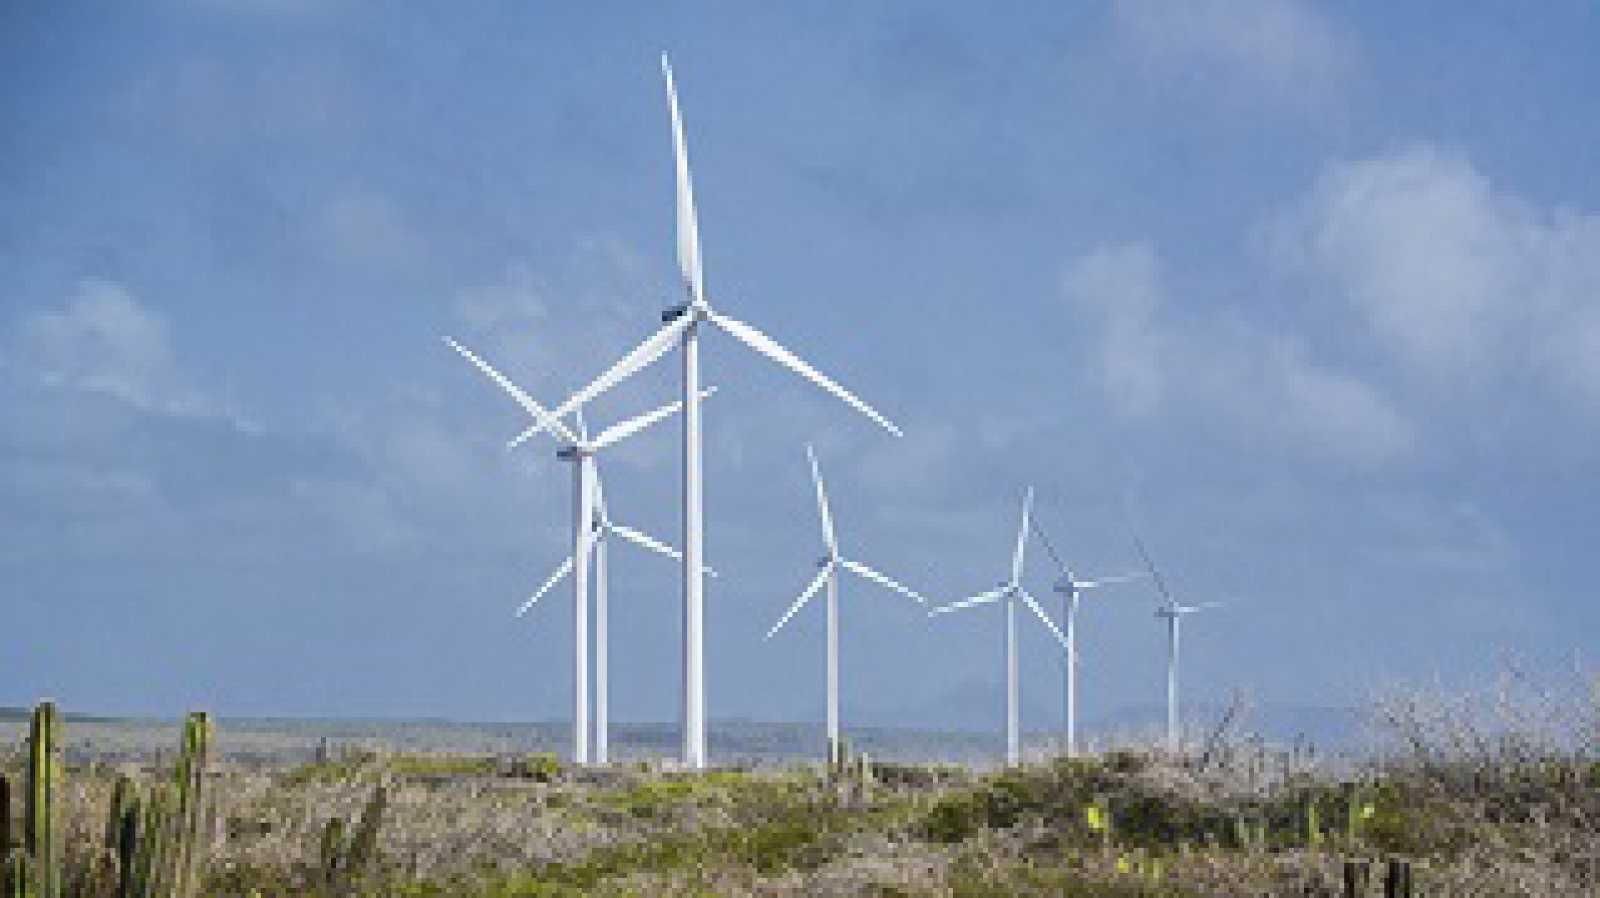 África hoy - La empresa Wind1000 se expande en África - 25/02/21 - escuchar ahora